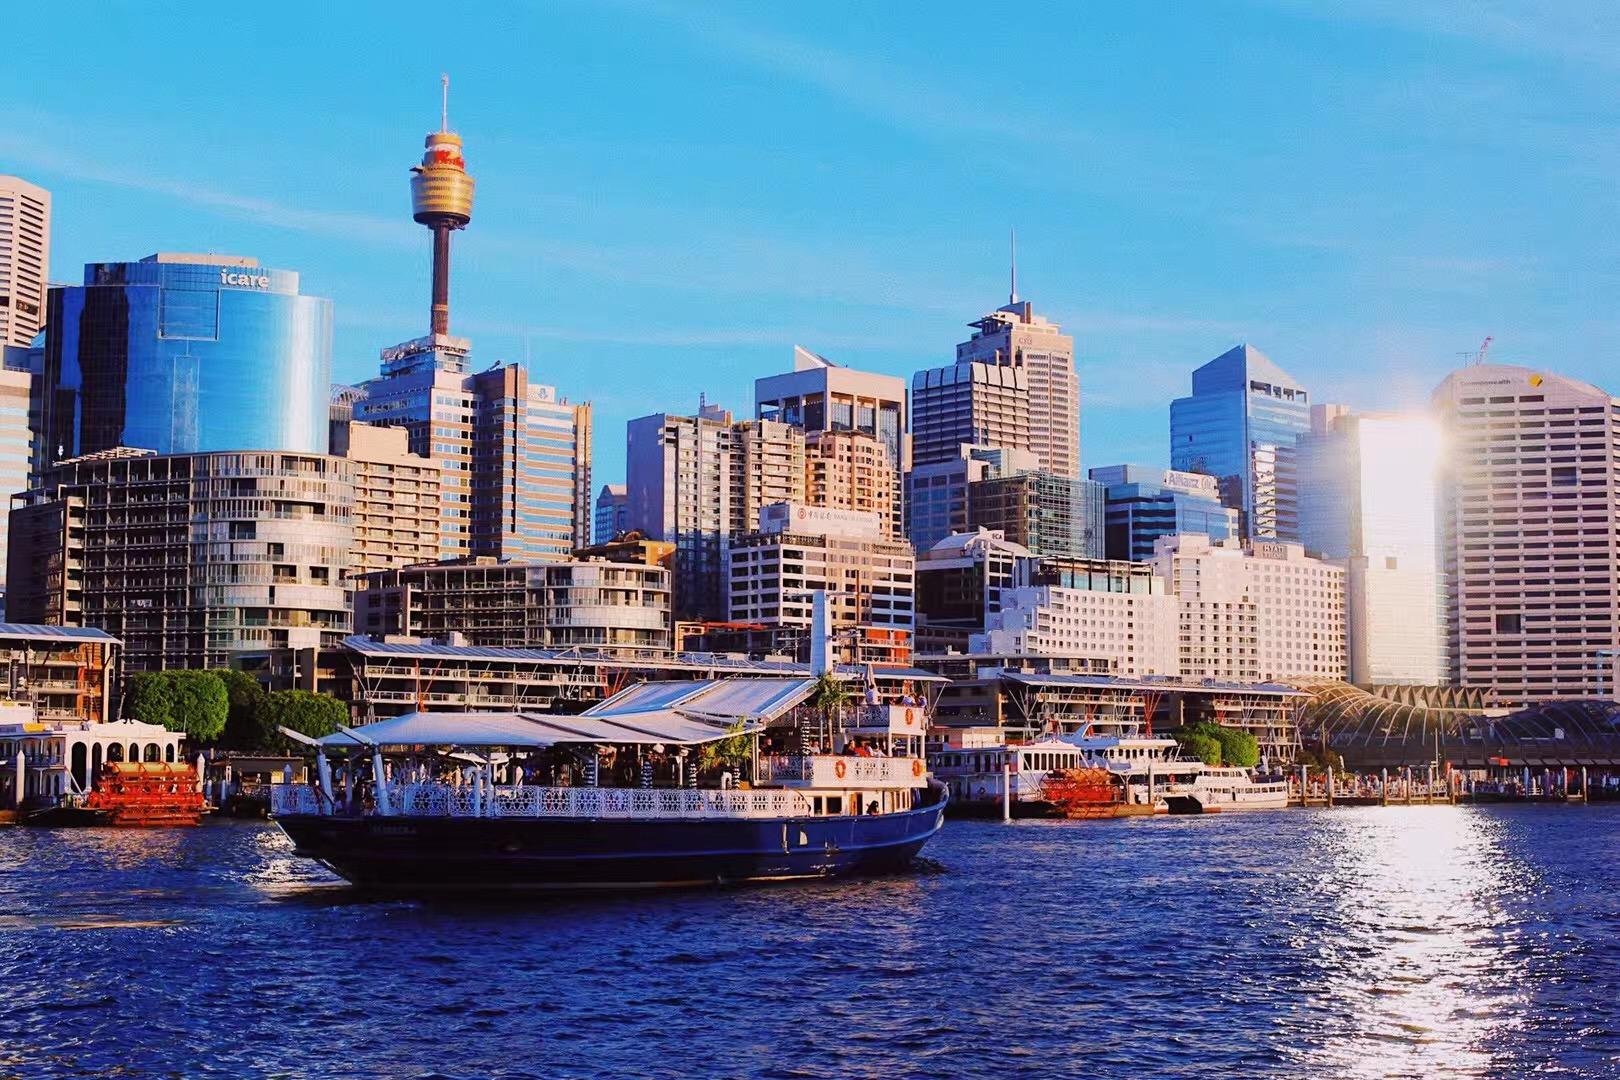 重磅!堪培拉将成为留学生返澳第一批试点地!国际旅行禁令再延长3个月!